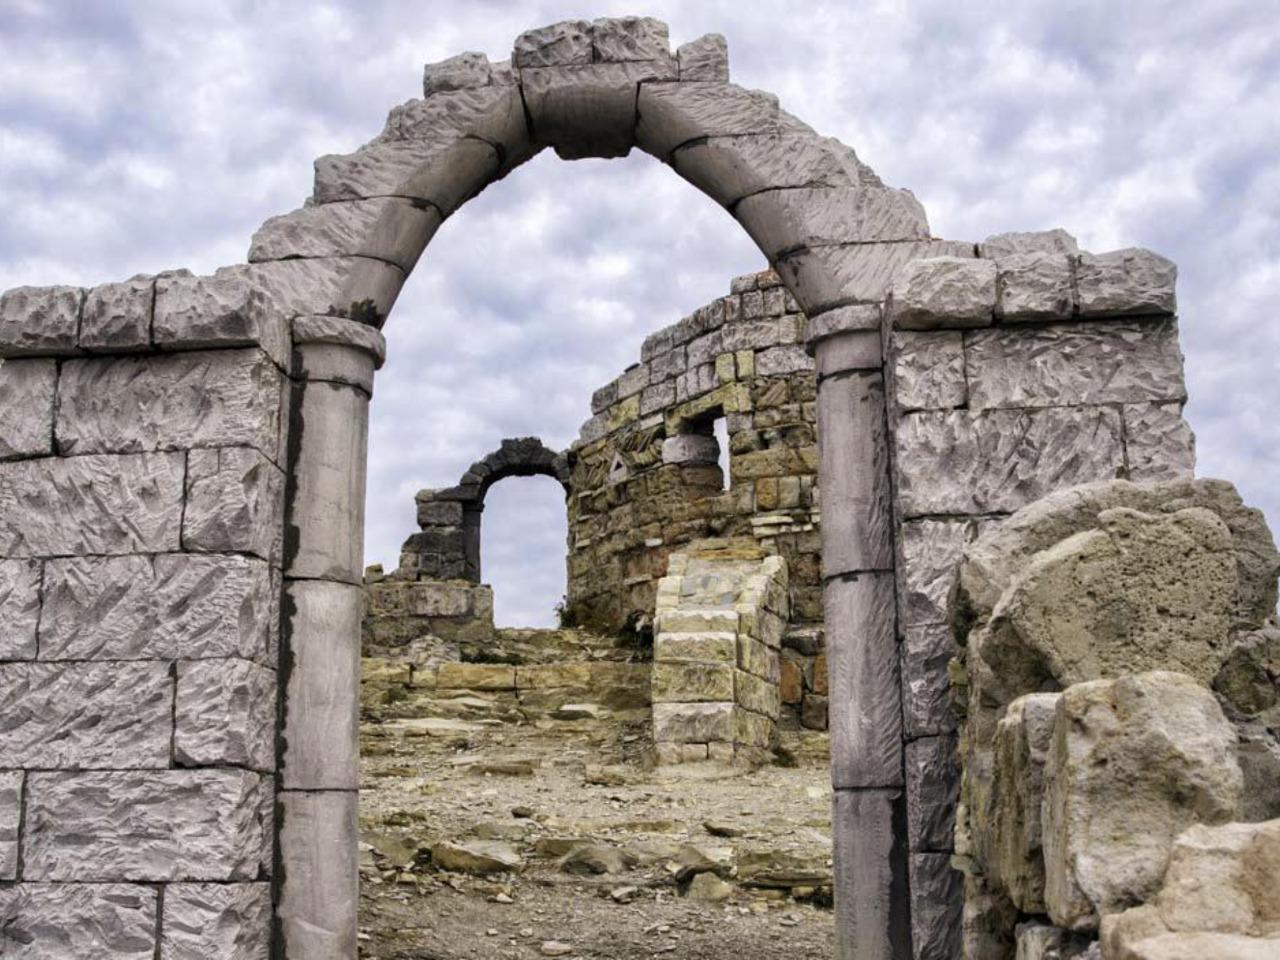 """Джиппинг """"Грозовые ворота"""" - индивидуальная экскурсия в Геленджике от опытного гида"""